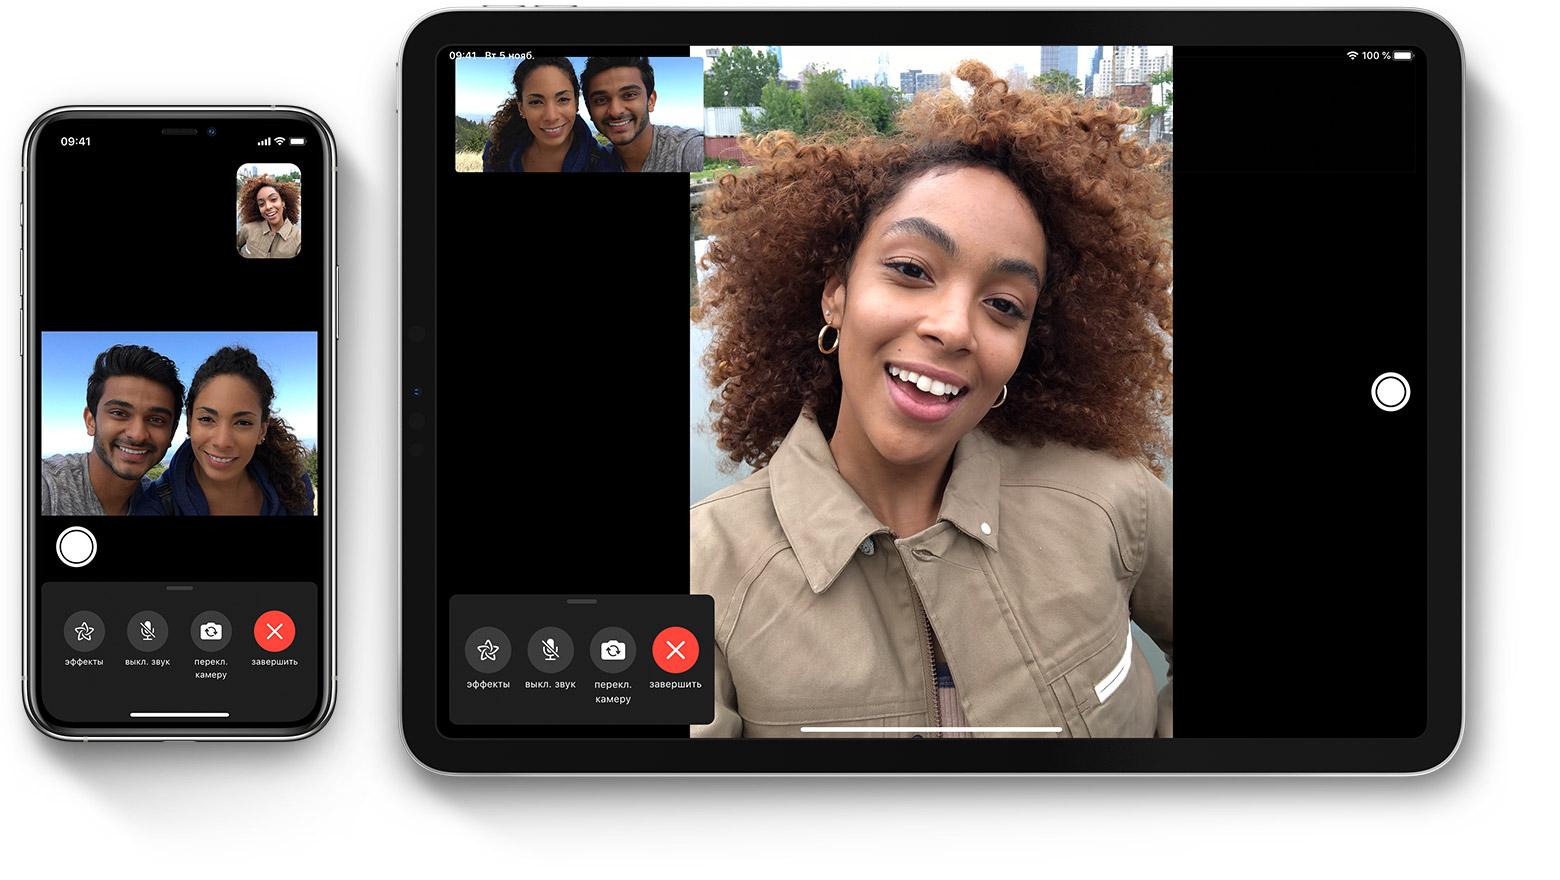 Трансляция видеозвонка с помощью FaceTime HD